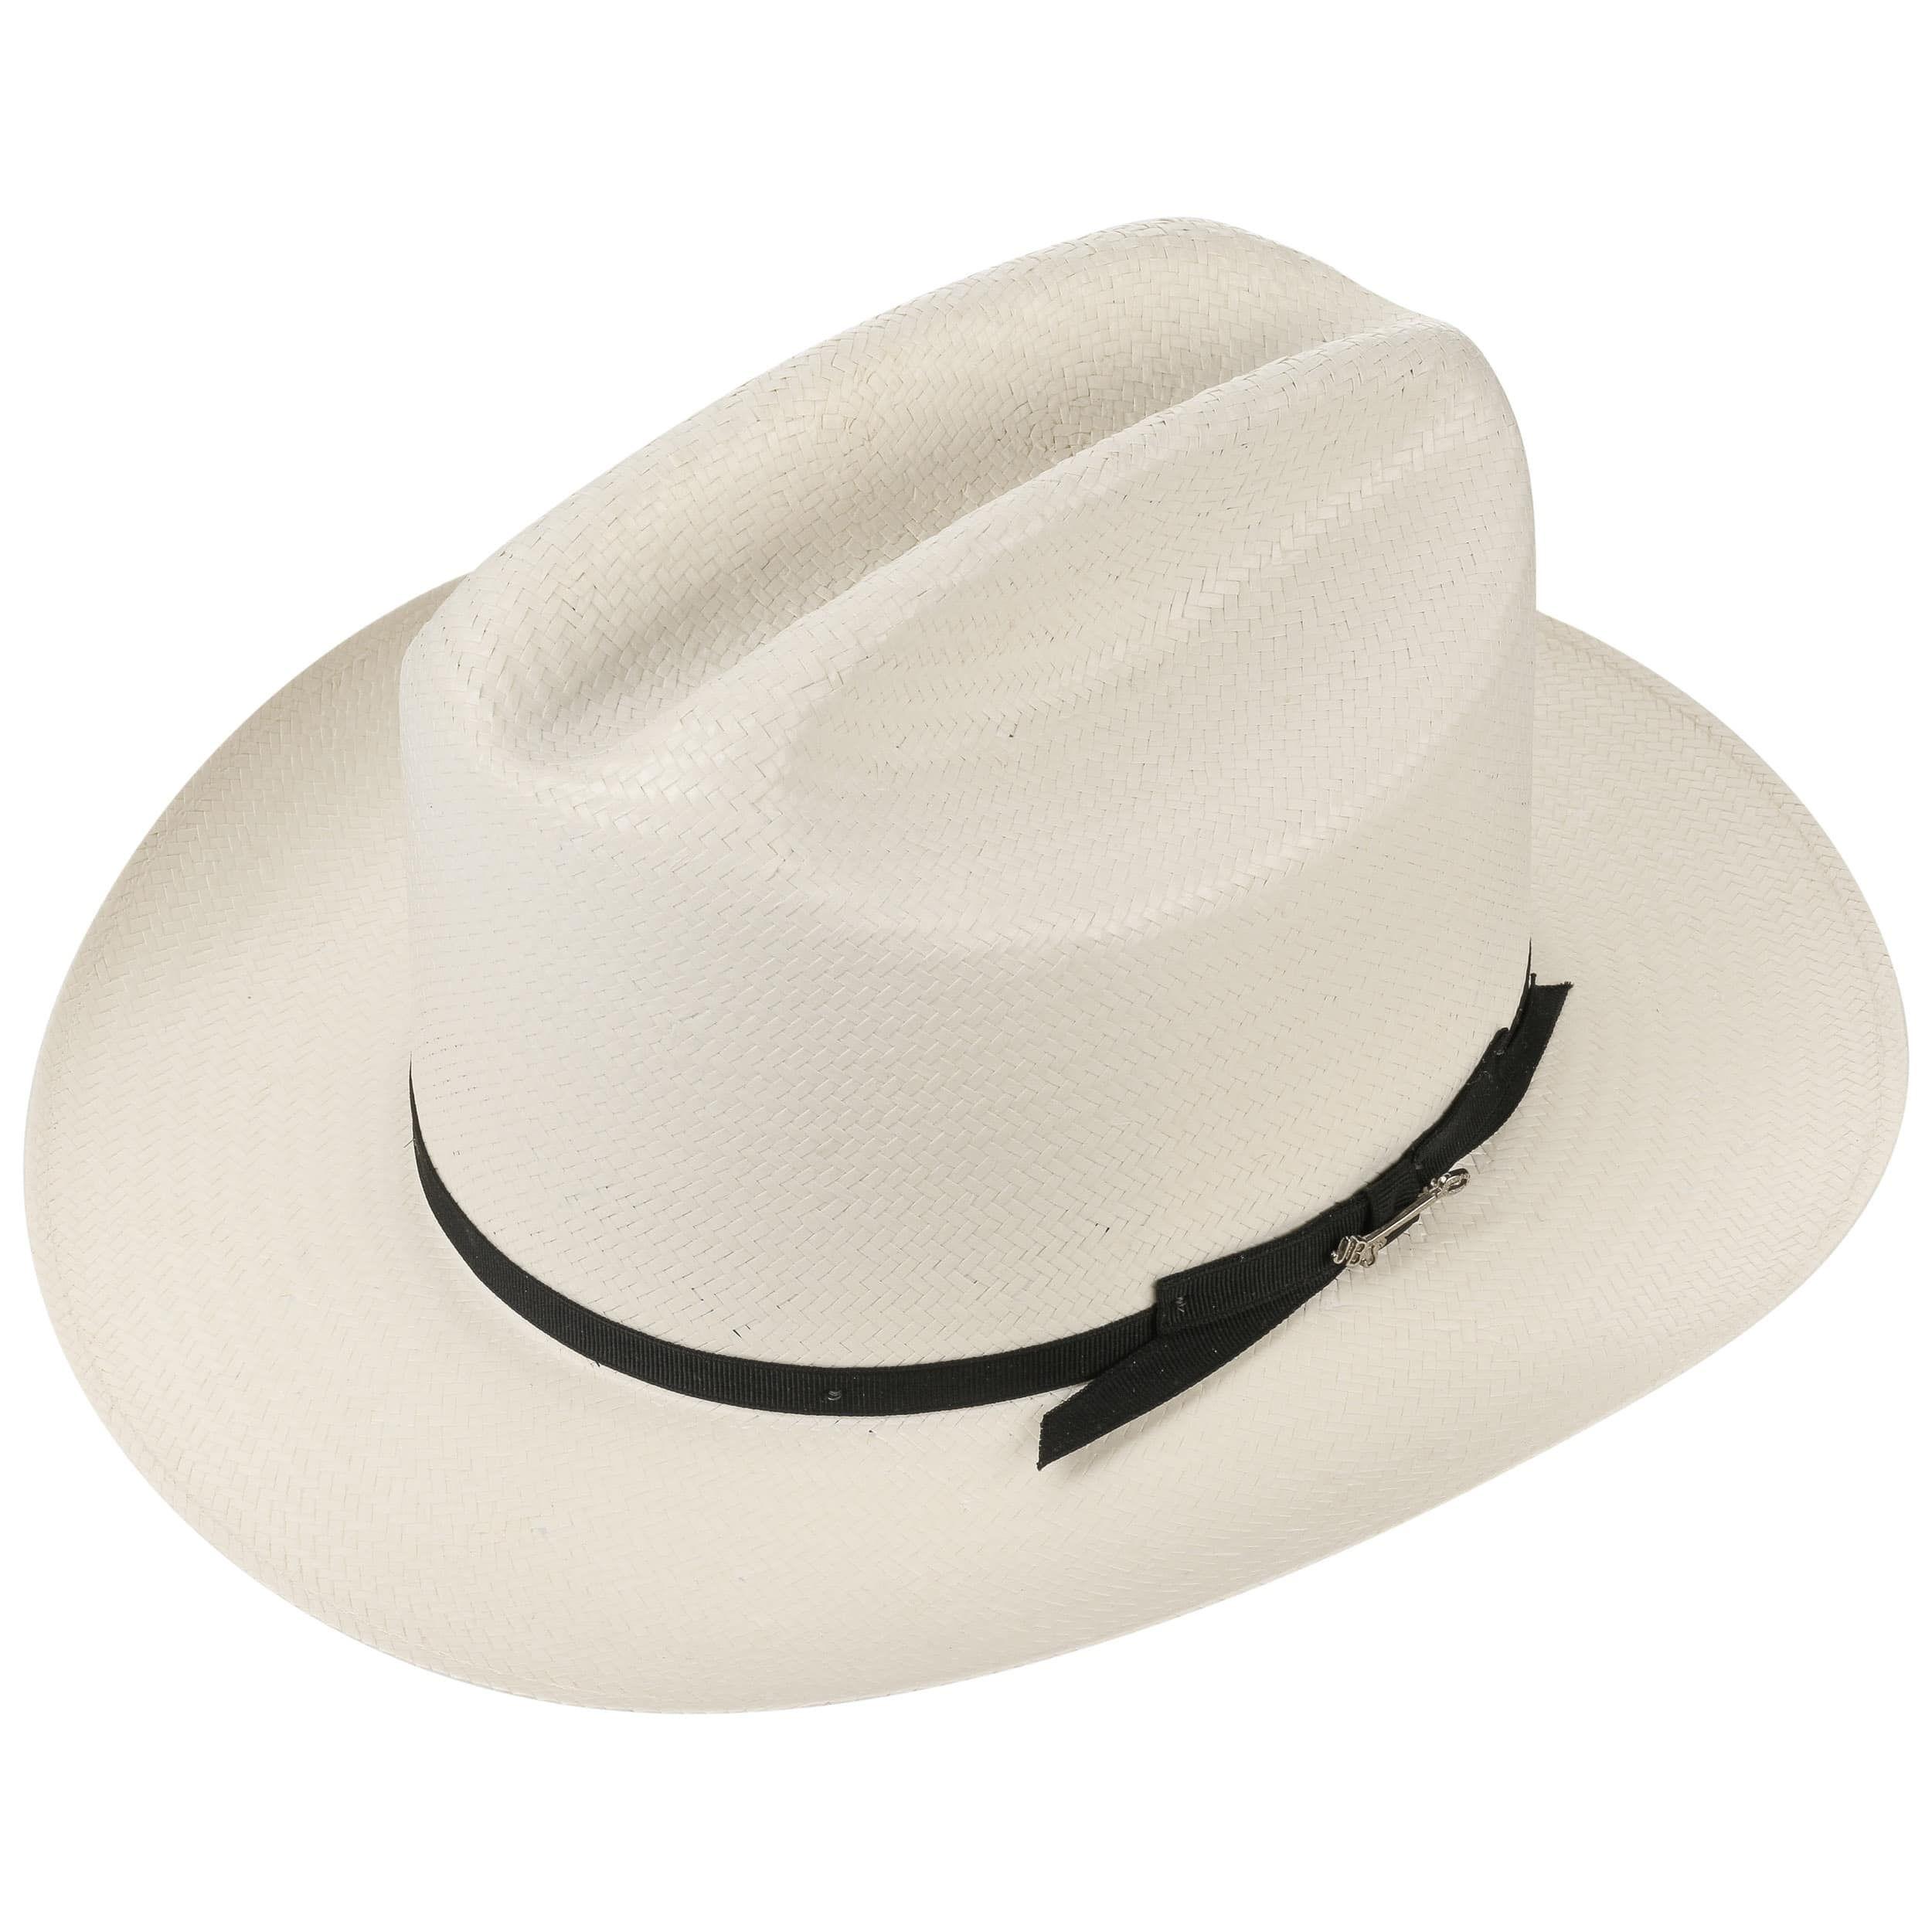 Open Road 6X Western Straw Hat cream white